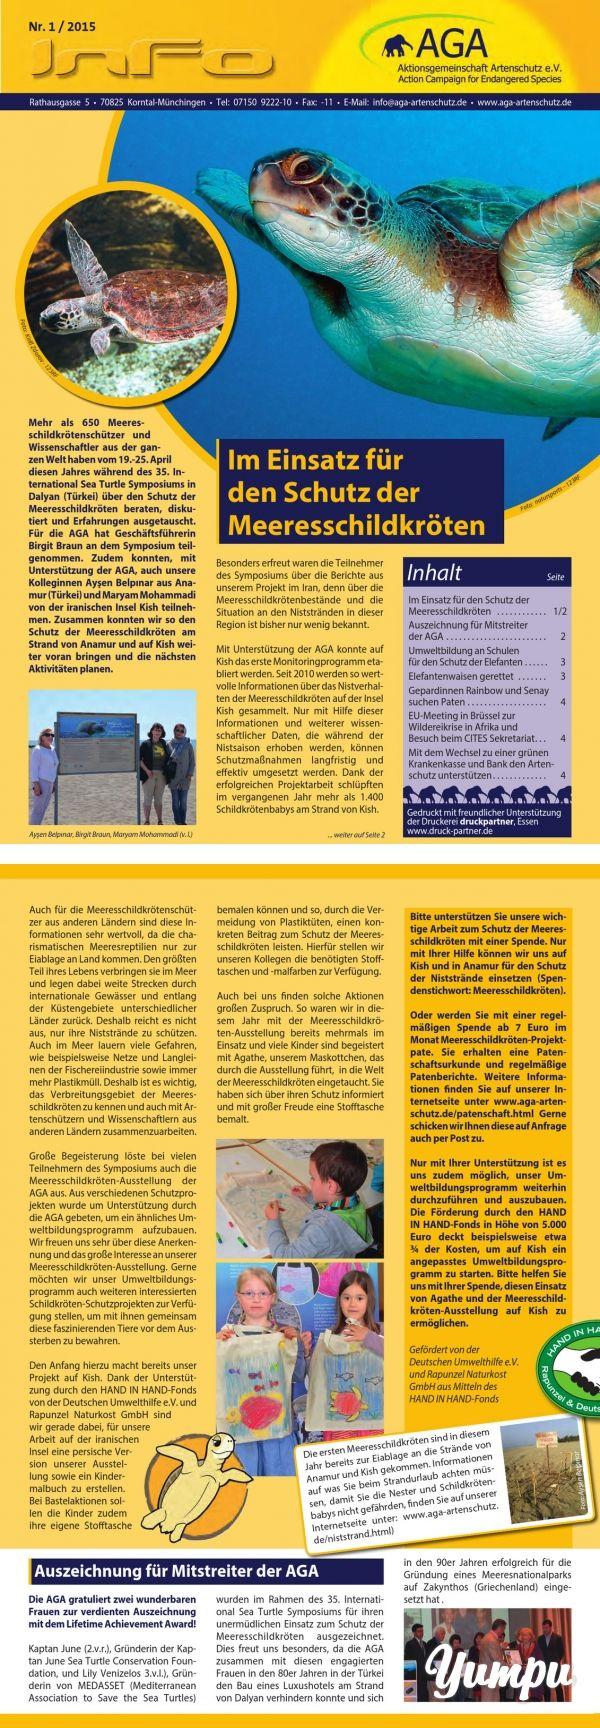 In unserem Rundschreiben berichten wir über unsere Arbeit im Artenschutz und aktuelle Entwicklungen in unseren Projekten. Diese Ausgabe umfasst u.a. folgenden Themen: - Im Einsatz zum Schutz der Meeresschildkröten - Umweltbildung an Schulen für den Schutz der Elefanten - Elefantenwaisen gerettet - Gepardinnen suchen Paten - EU-Meeting in Brüssel zur Wildereikrise in Afrika und Besuch beim CITES-Sekretariat - Mit dem Wechsel zu einer grünen Krankenkasse und Bank den Artenschutz unterstützen